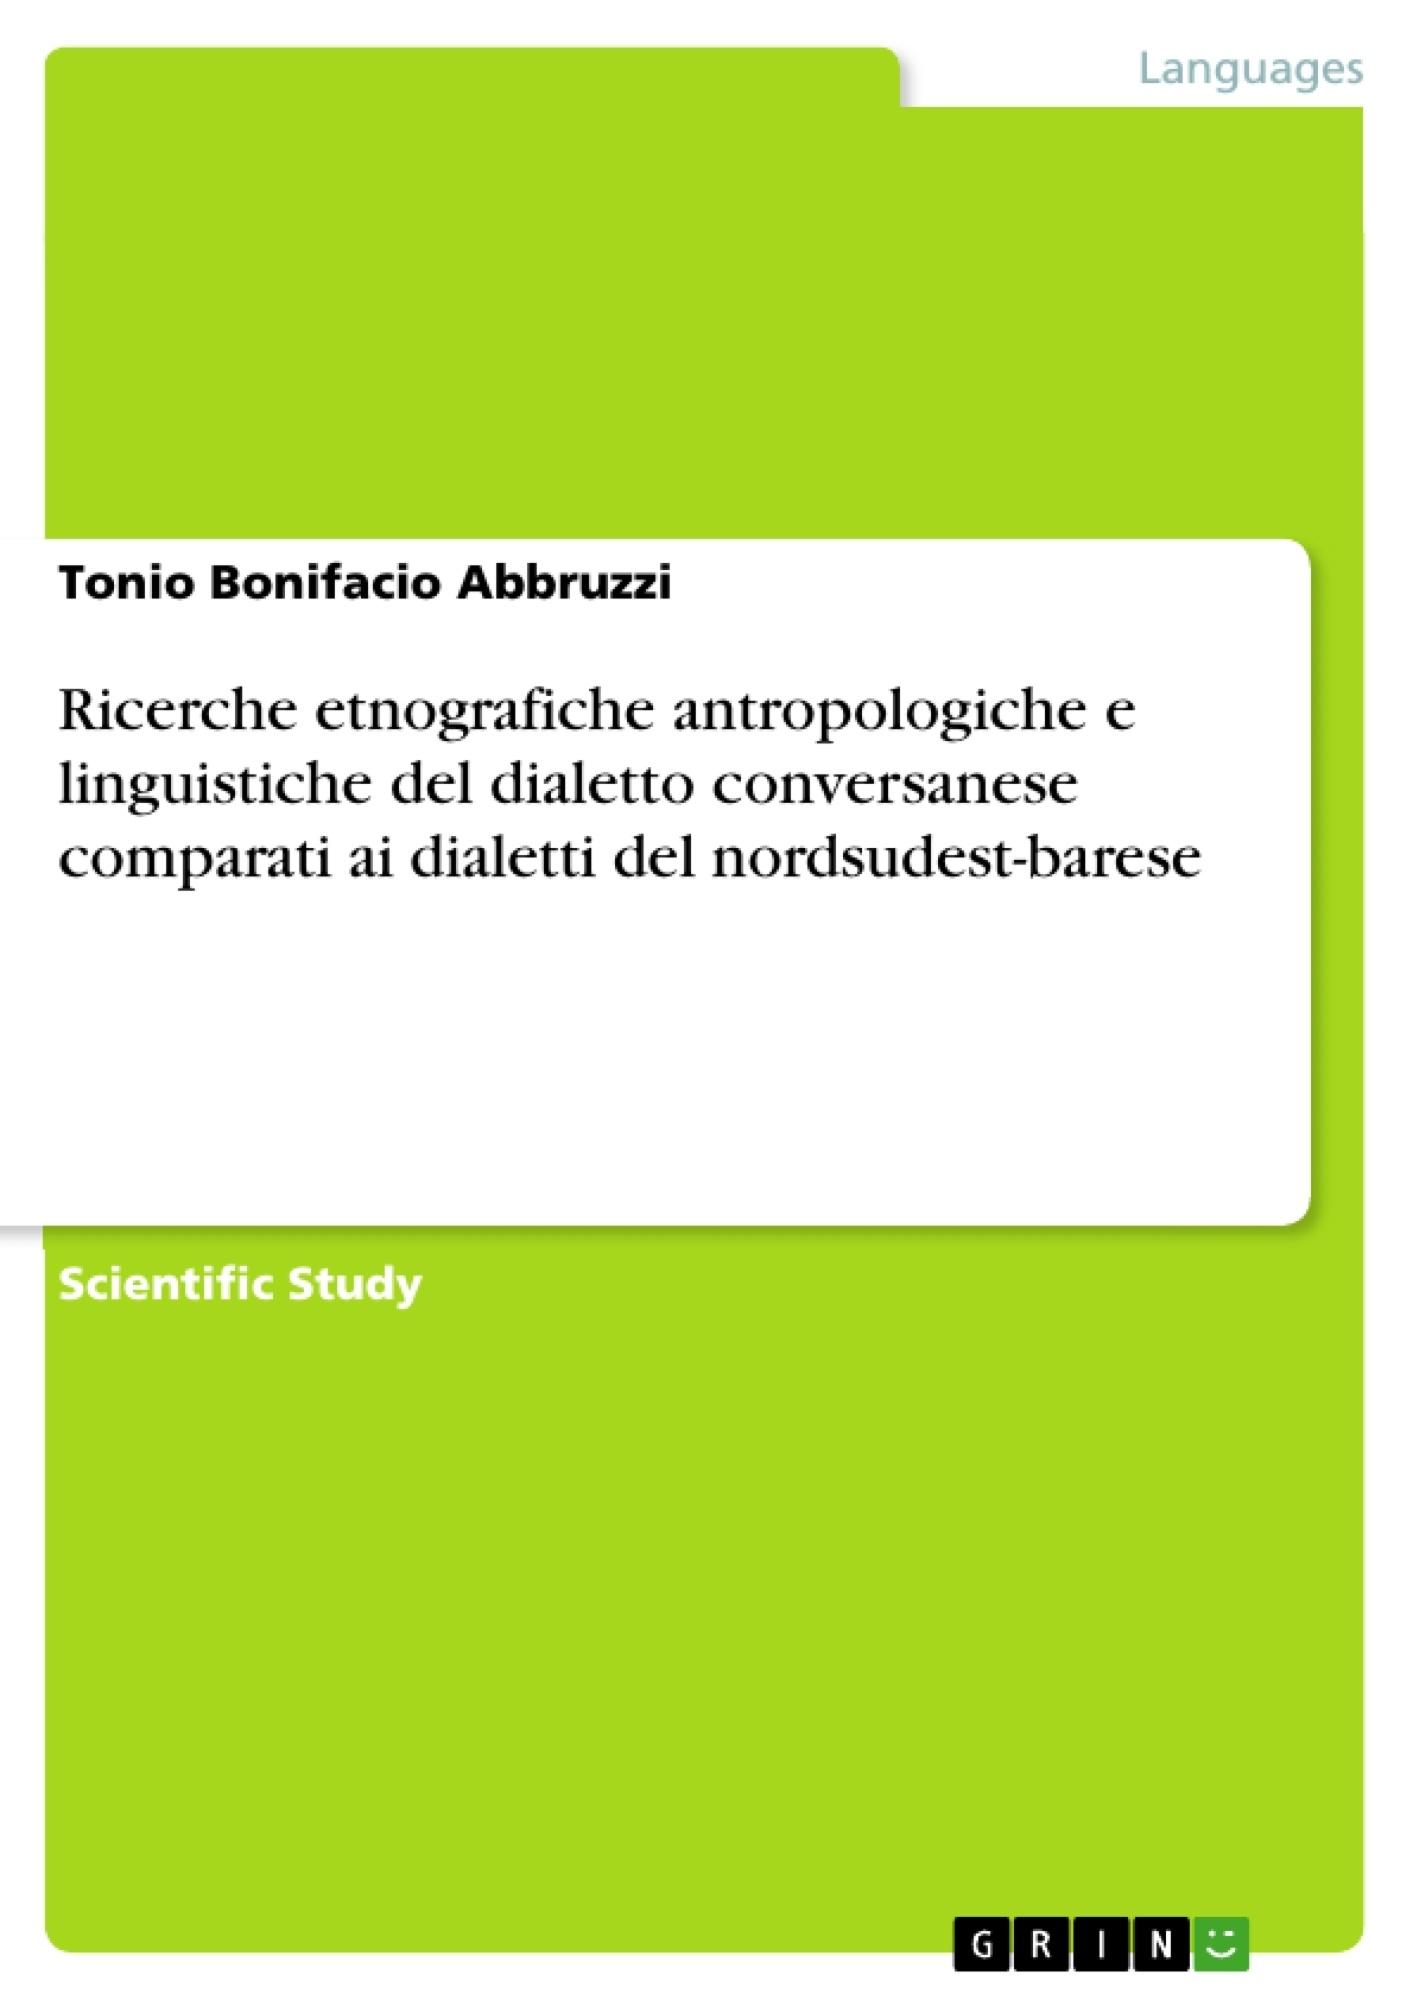 Title: Ricerche etnografiche antropologiche e linguistiche del dialetto conversanese comparati ai dialetti del nordsudest-barese